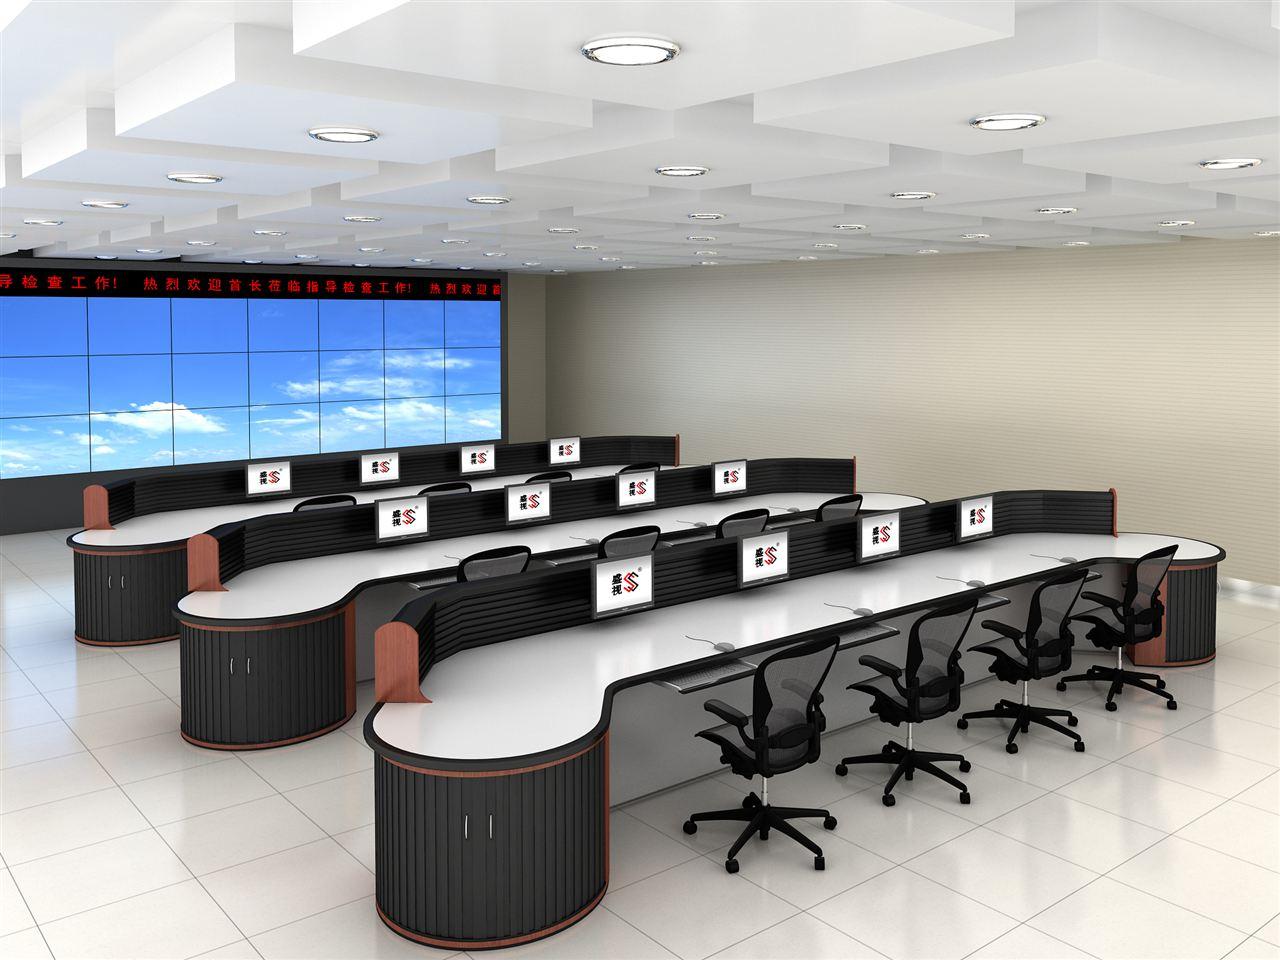 供电所指挥中心监控桌|变电所电力控制中心监控台|电力调度台